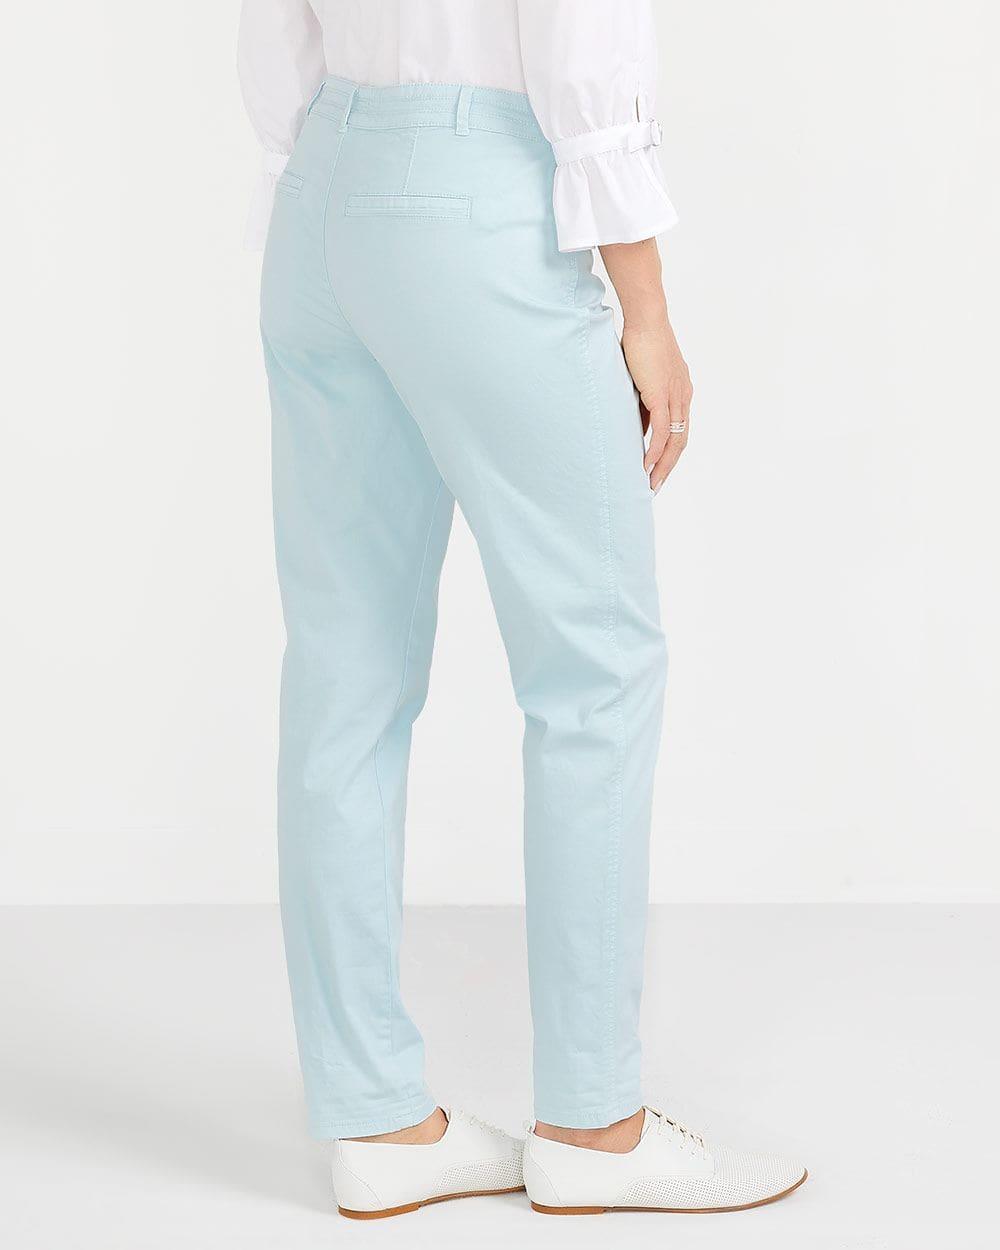 Pantalon Chino skinny Petite